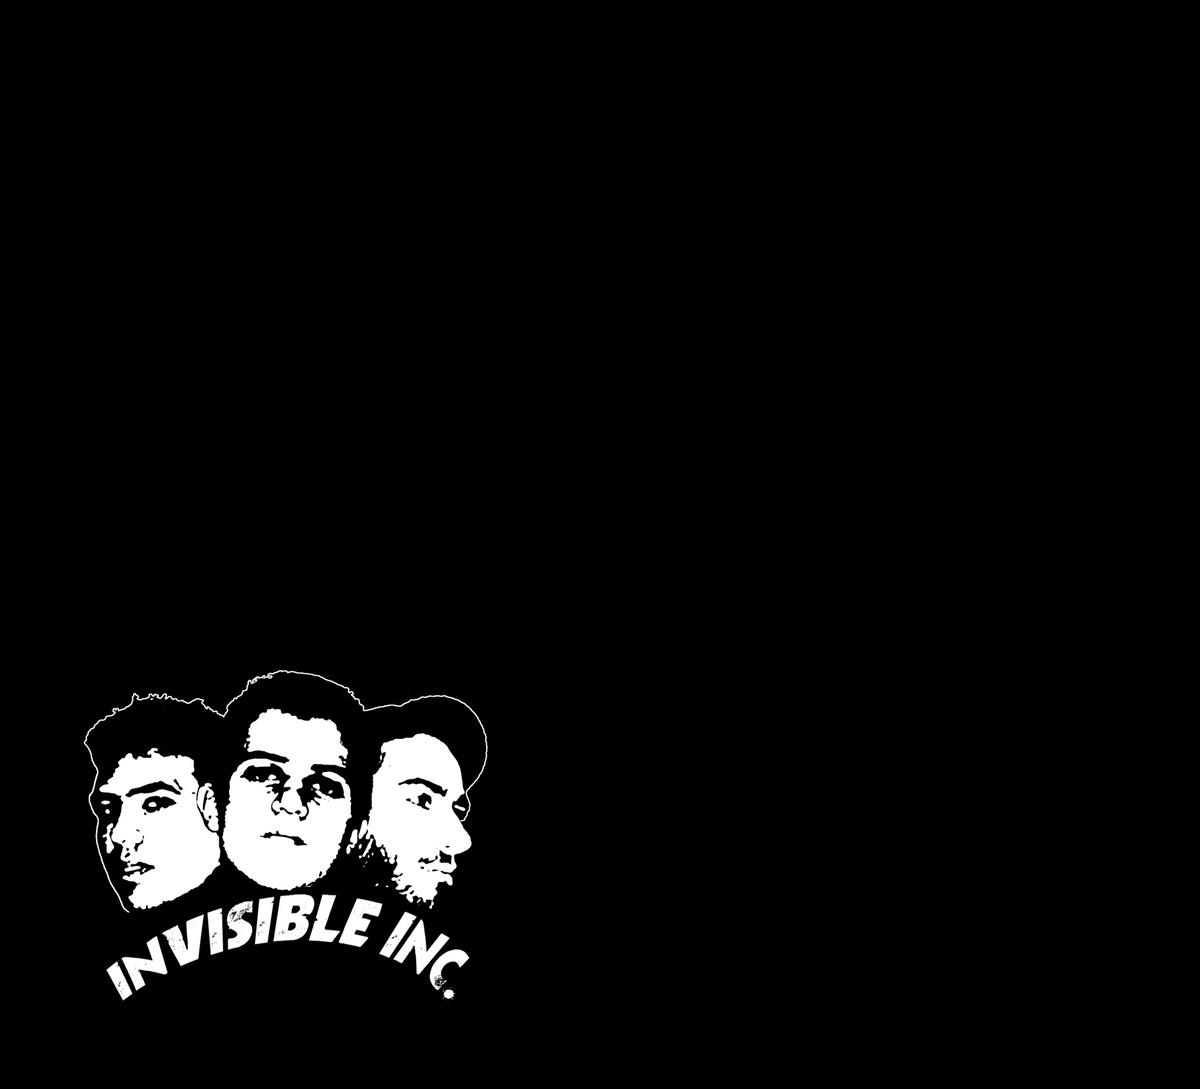 Invisible Inc. (2007)